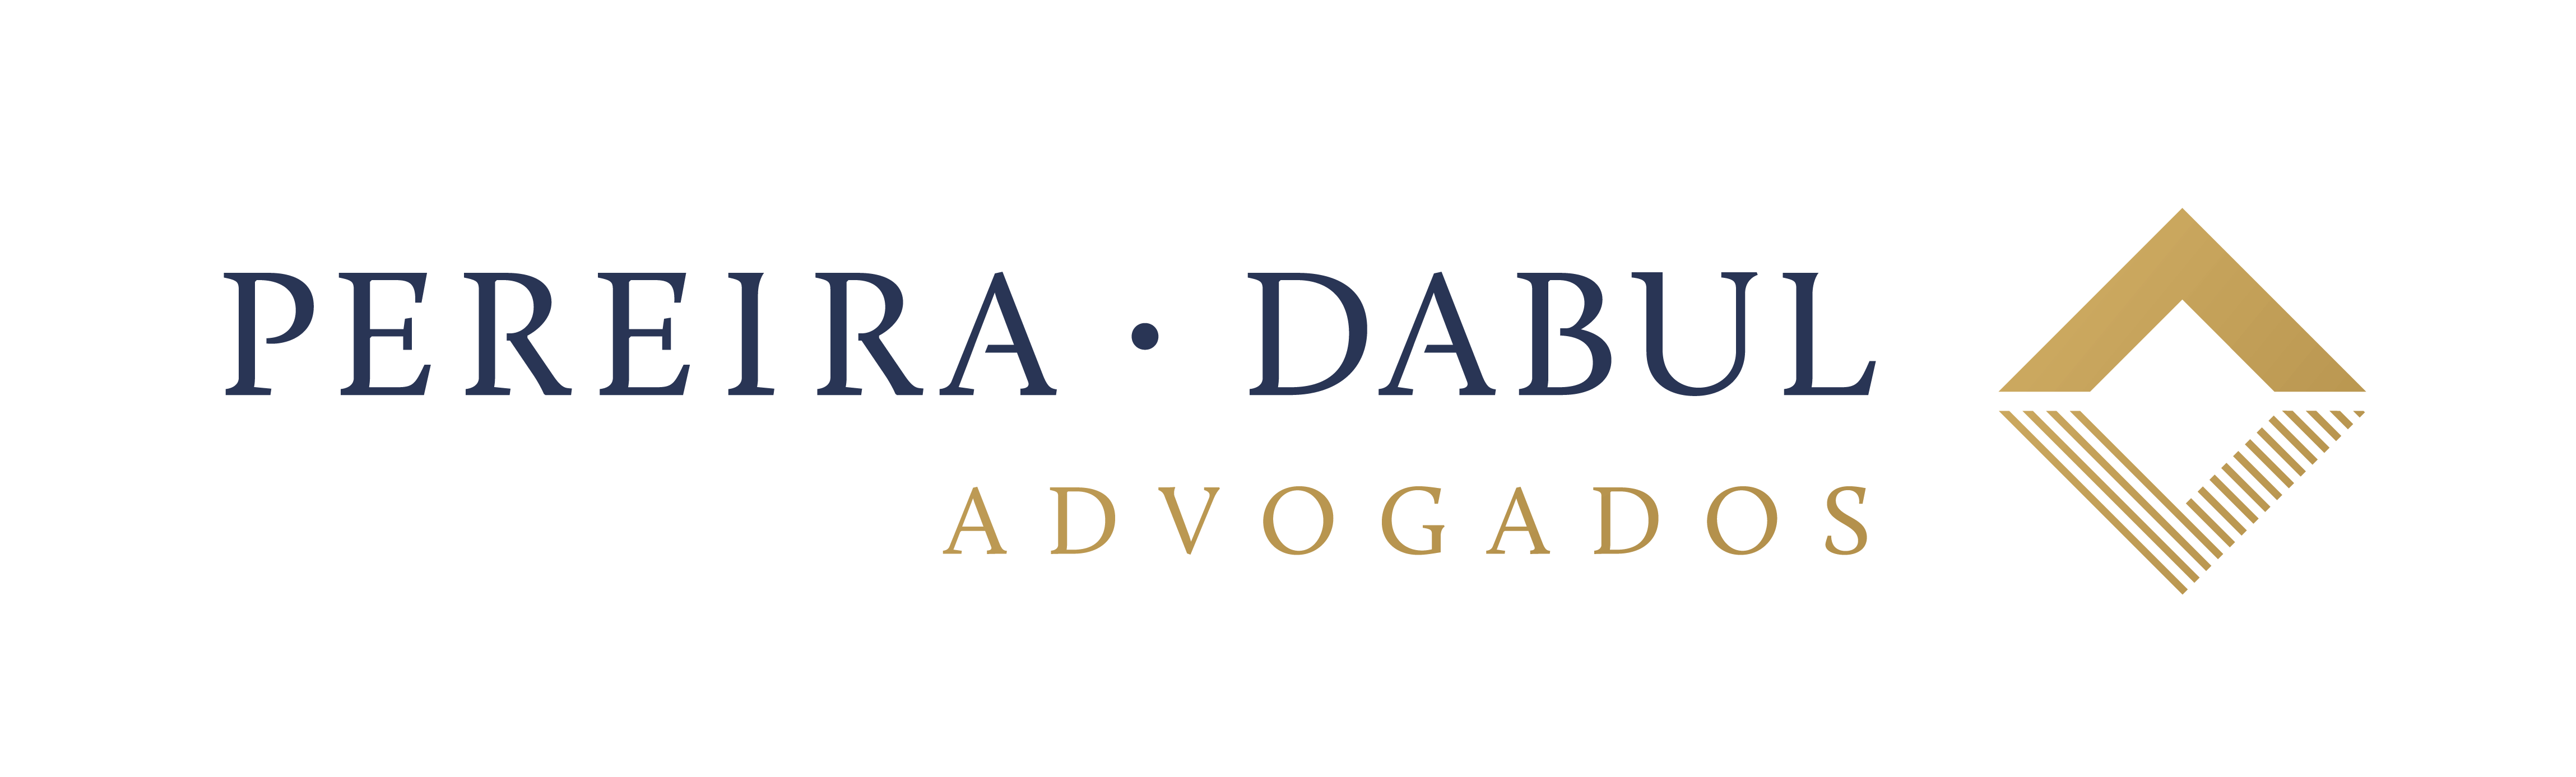 Pereira Dabul